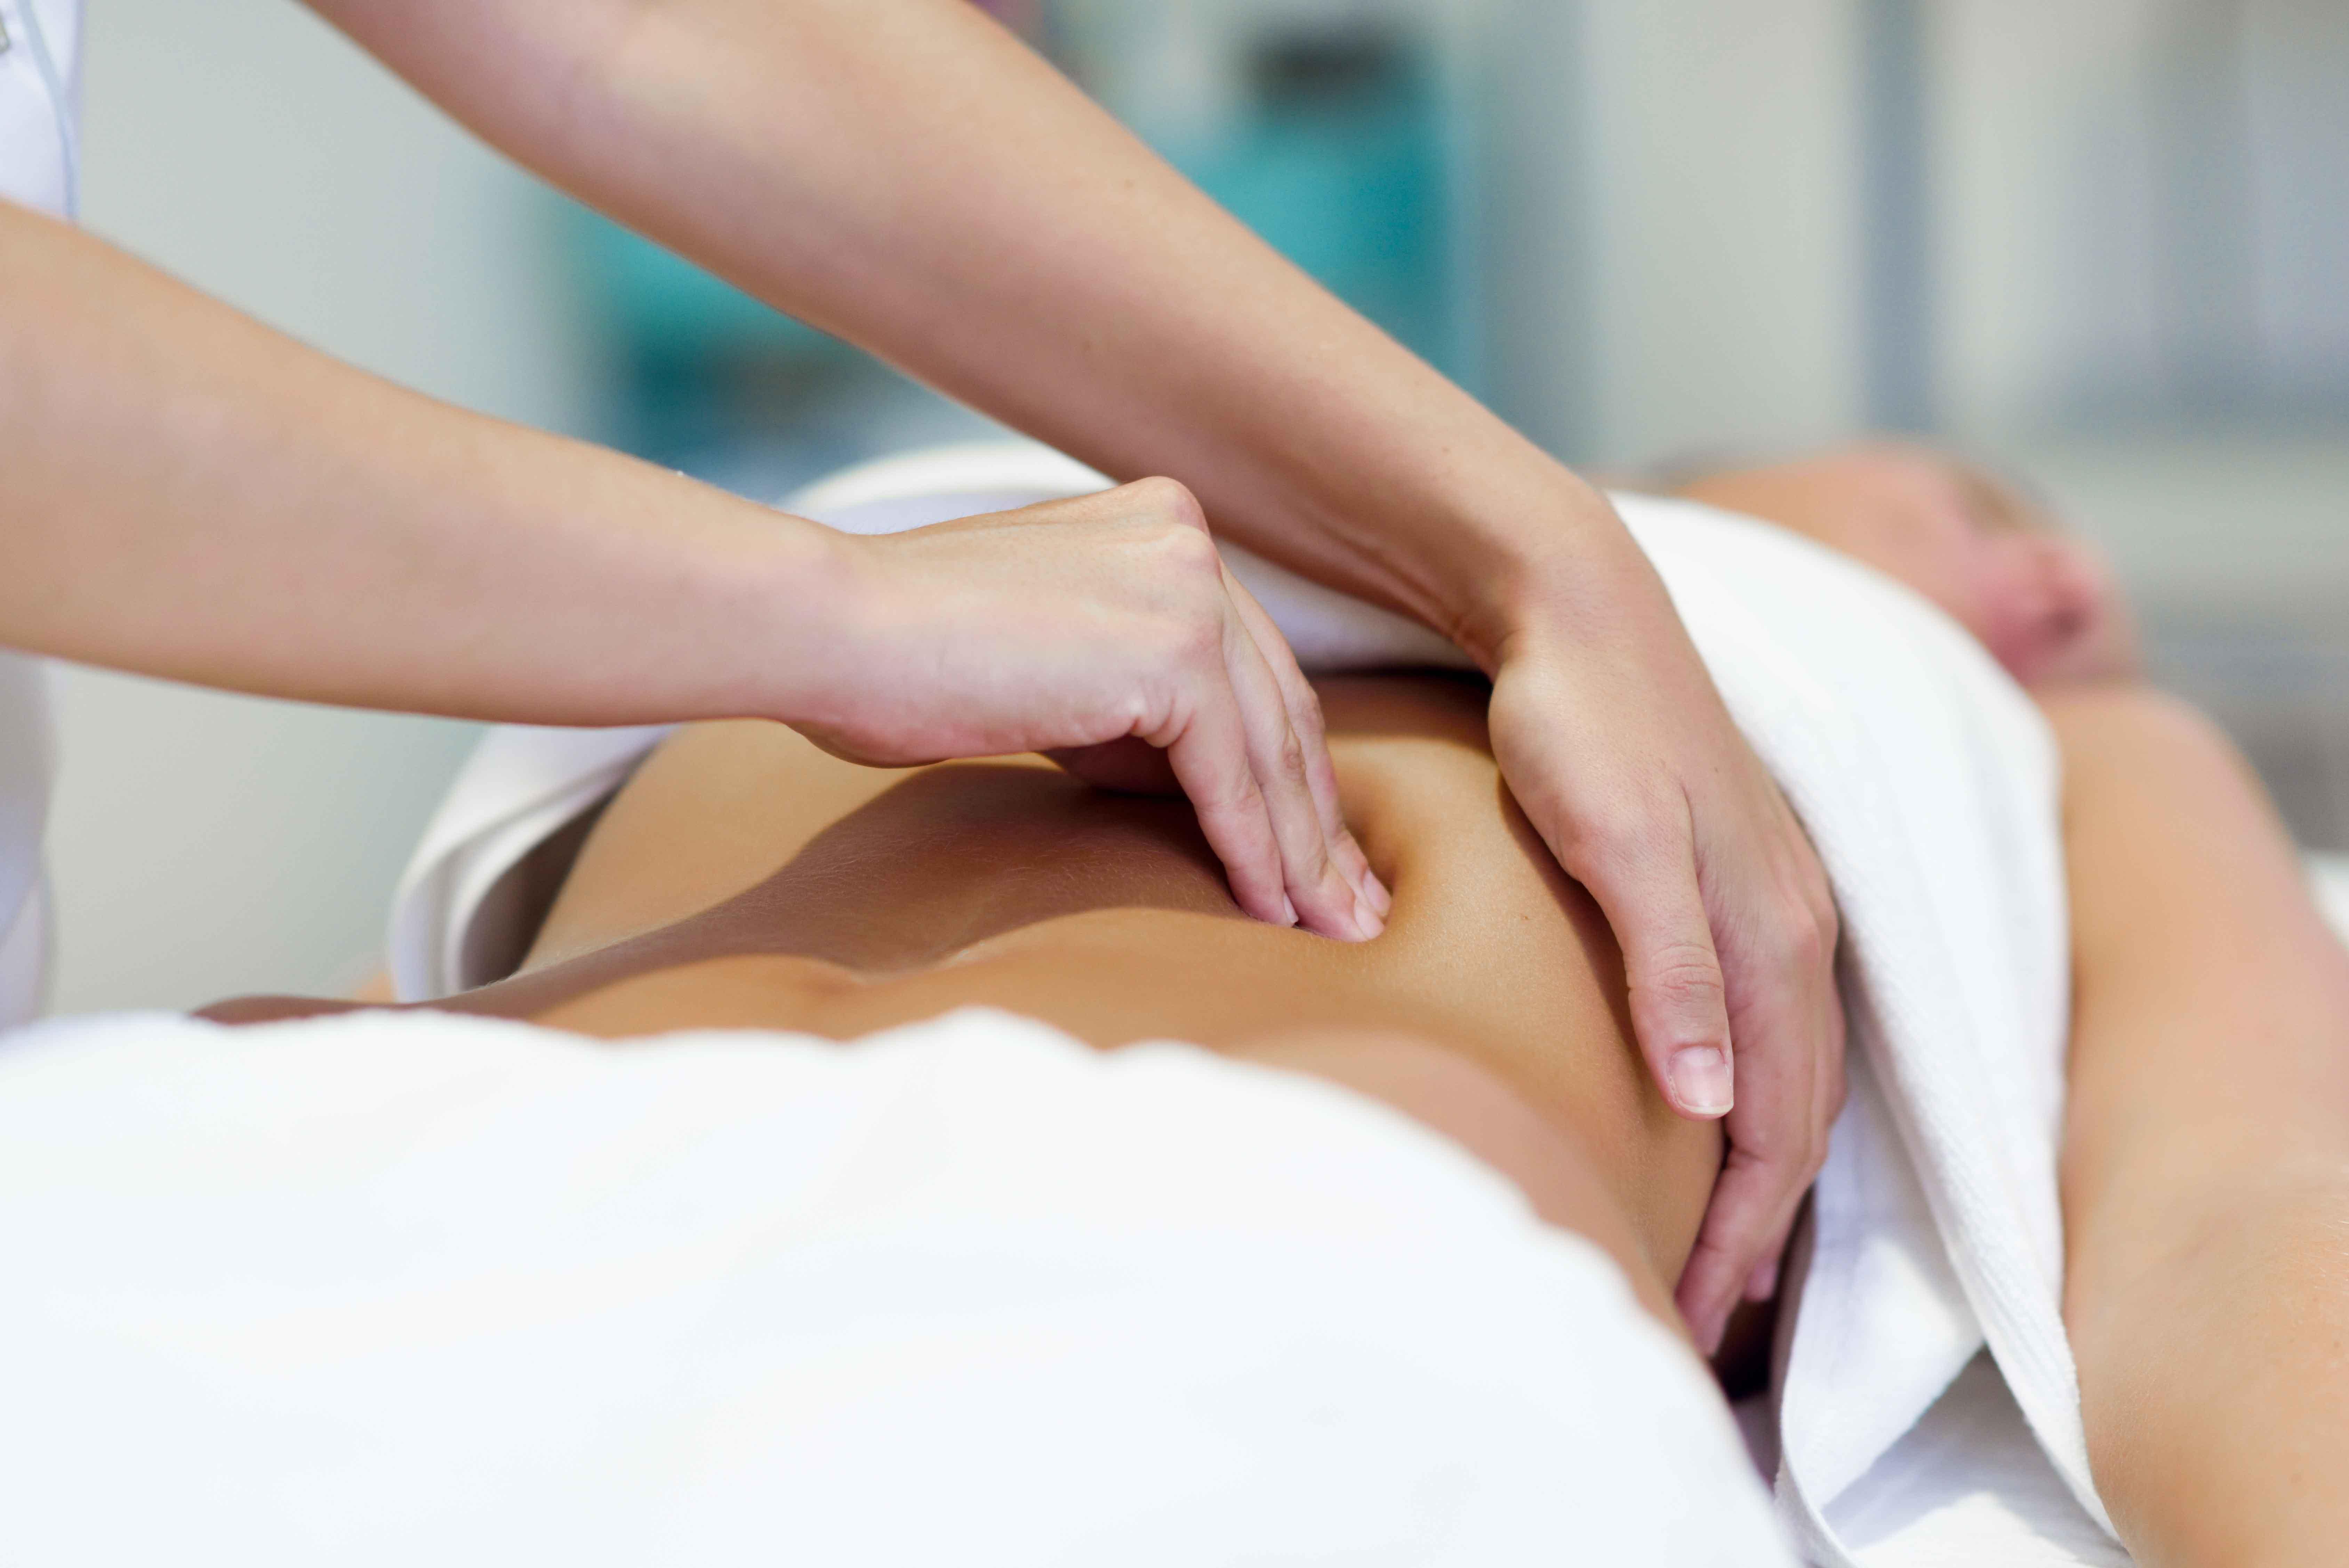 Ostéopathie et posture, quel bénéfice pour le corps. Le cente Postureval, basé au Pays Basque (Biarritz), vous accompagne avec ses spécialistes.